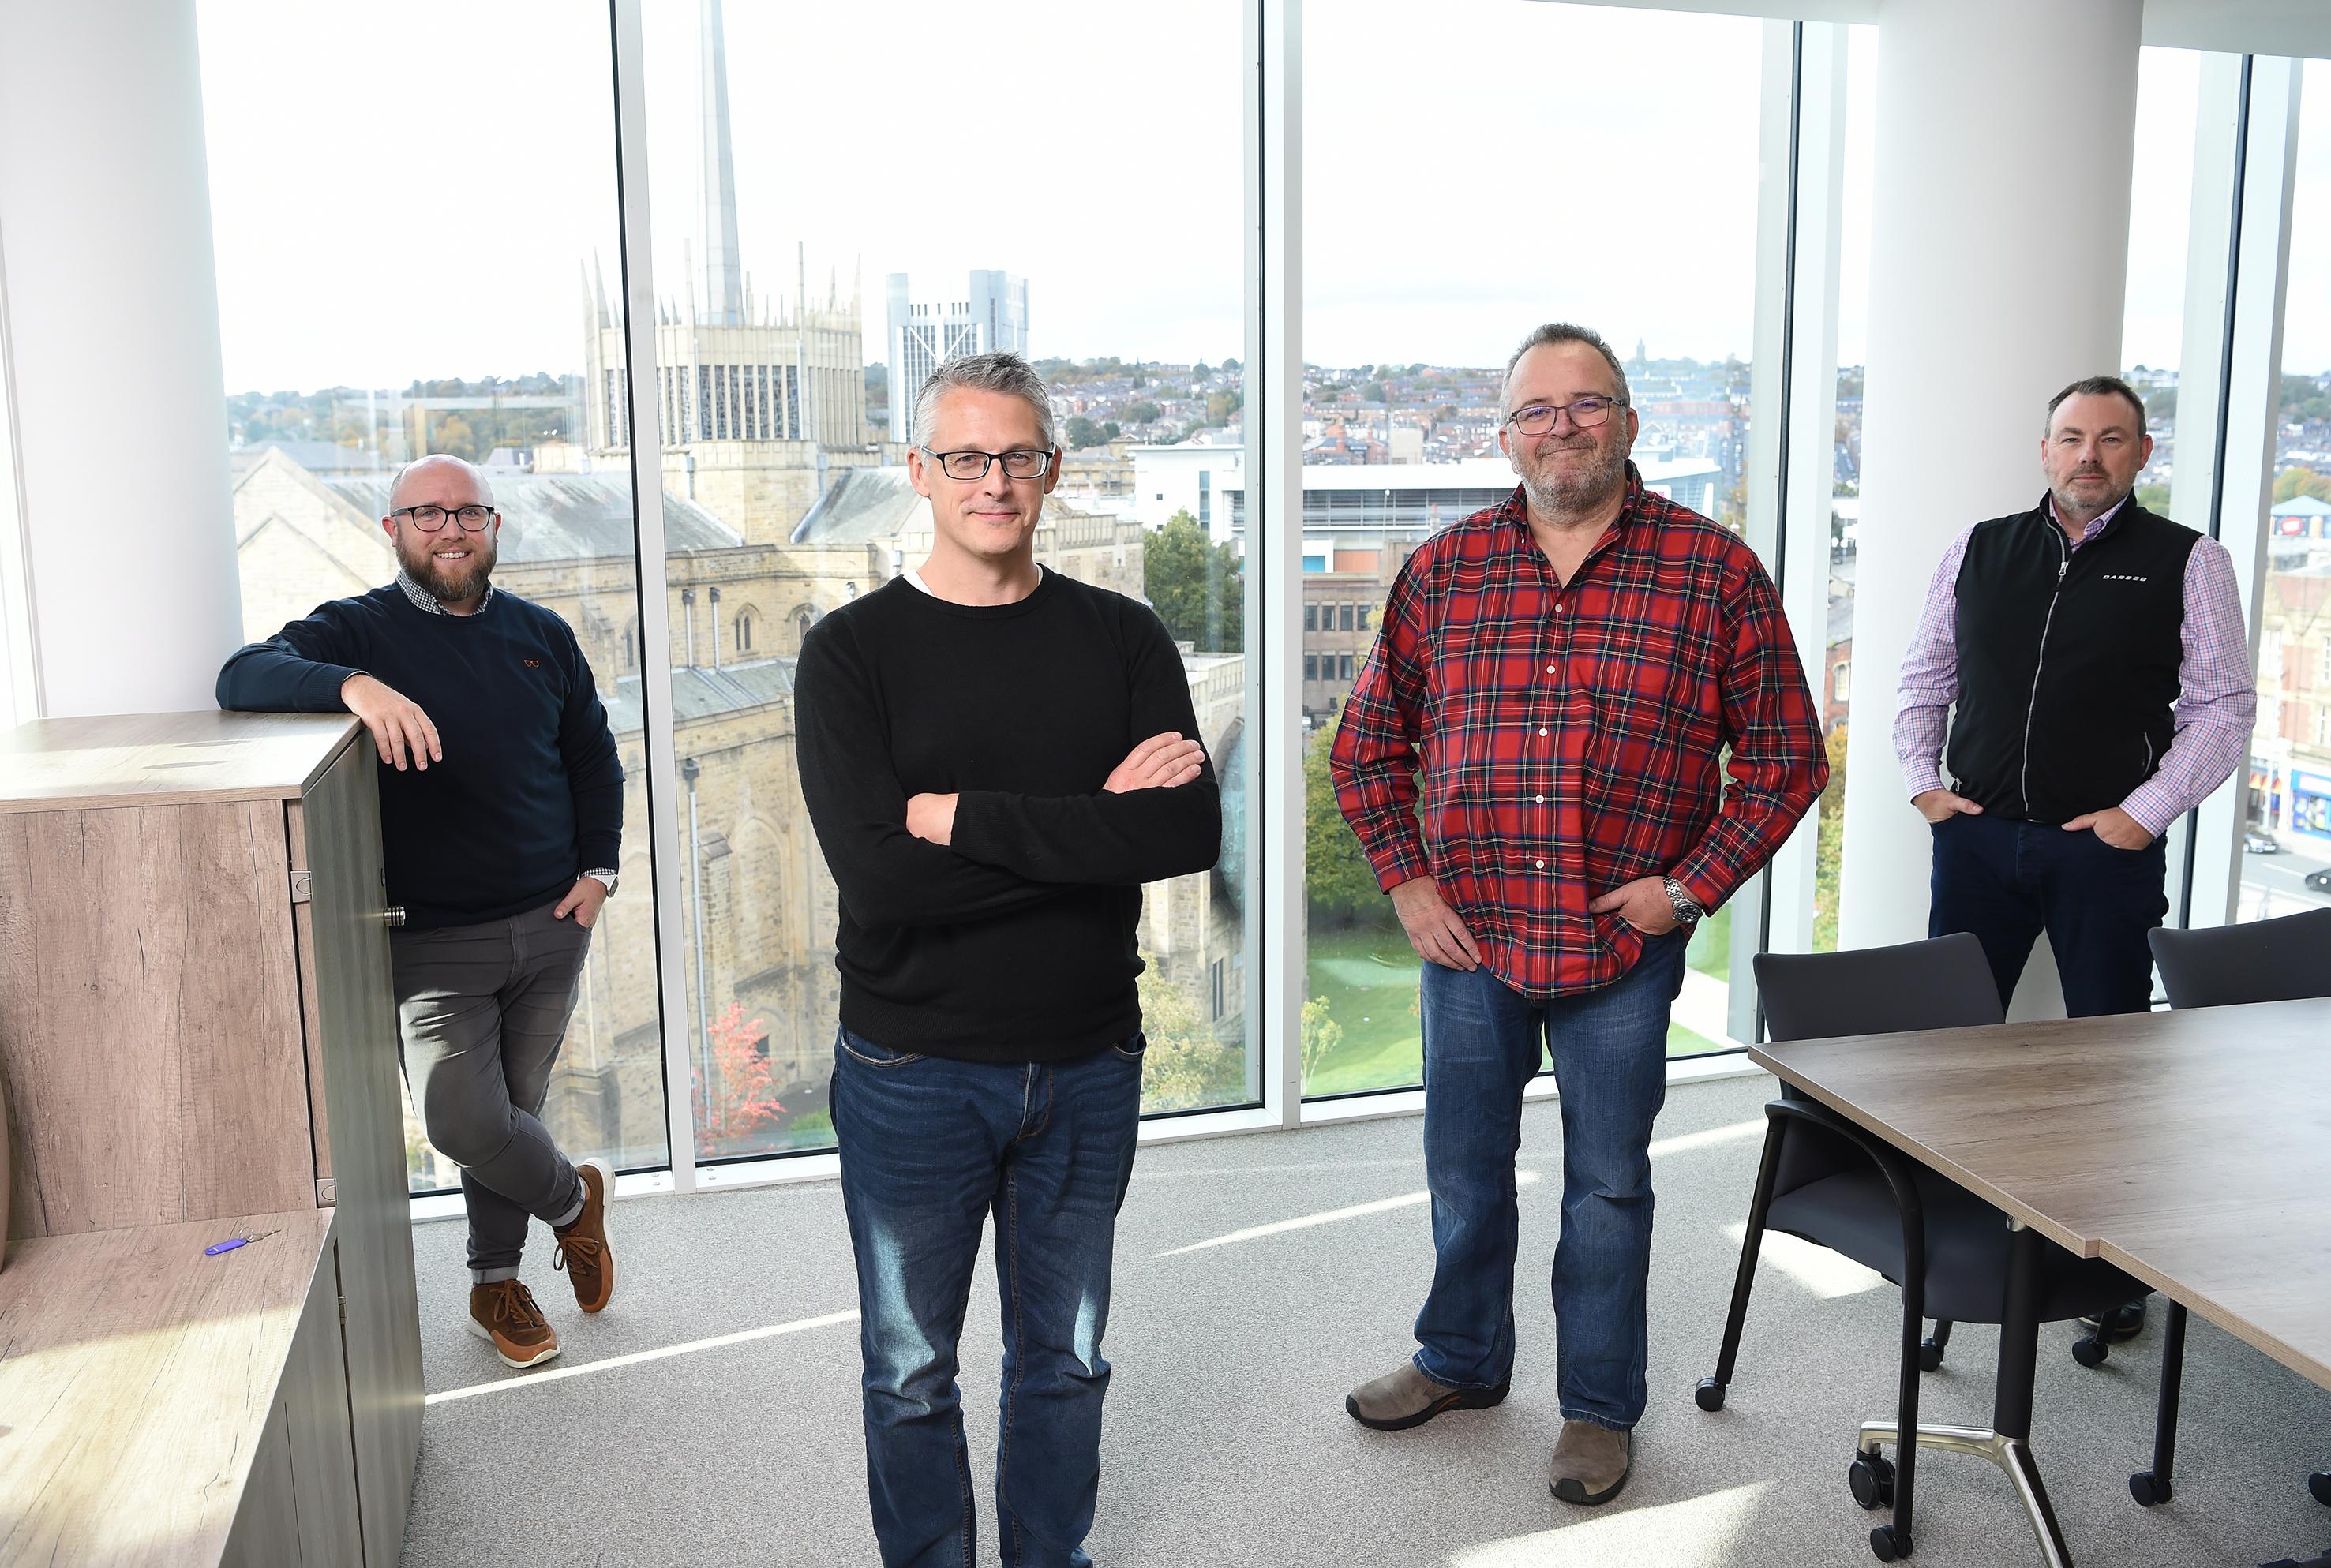 Sales Geek employees